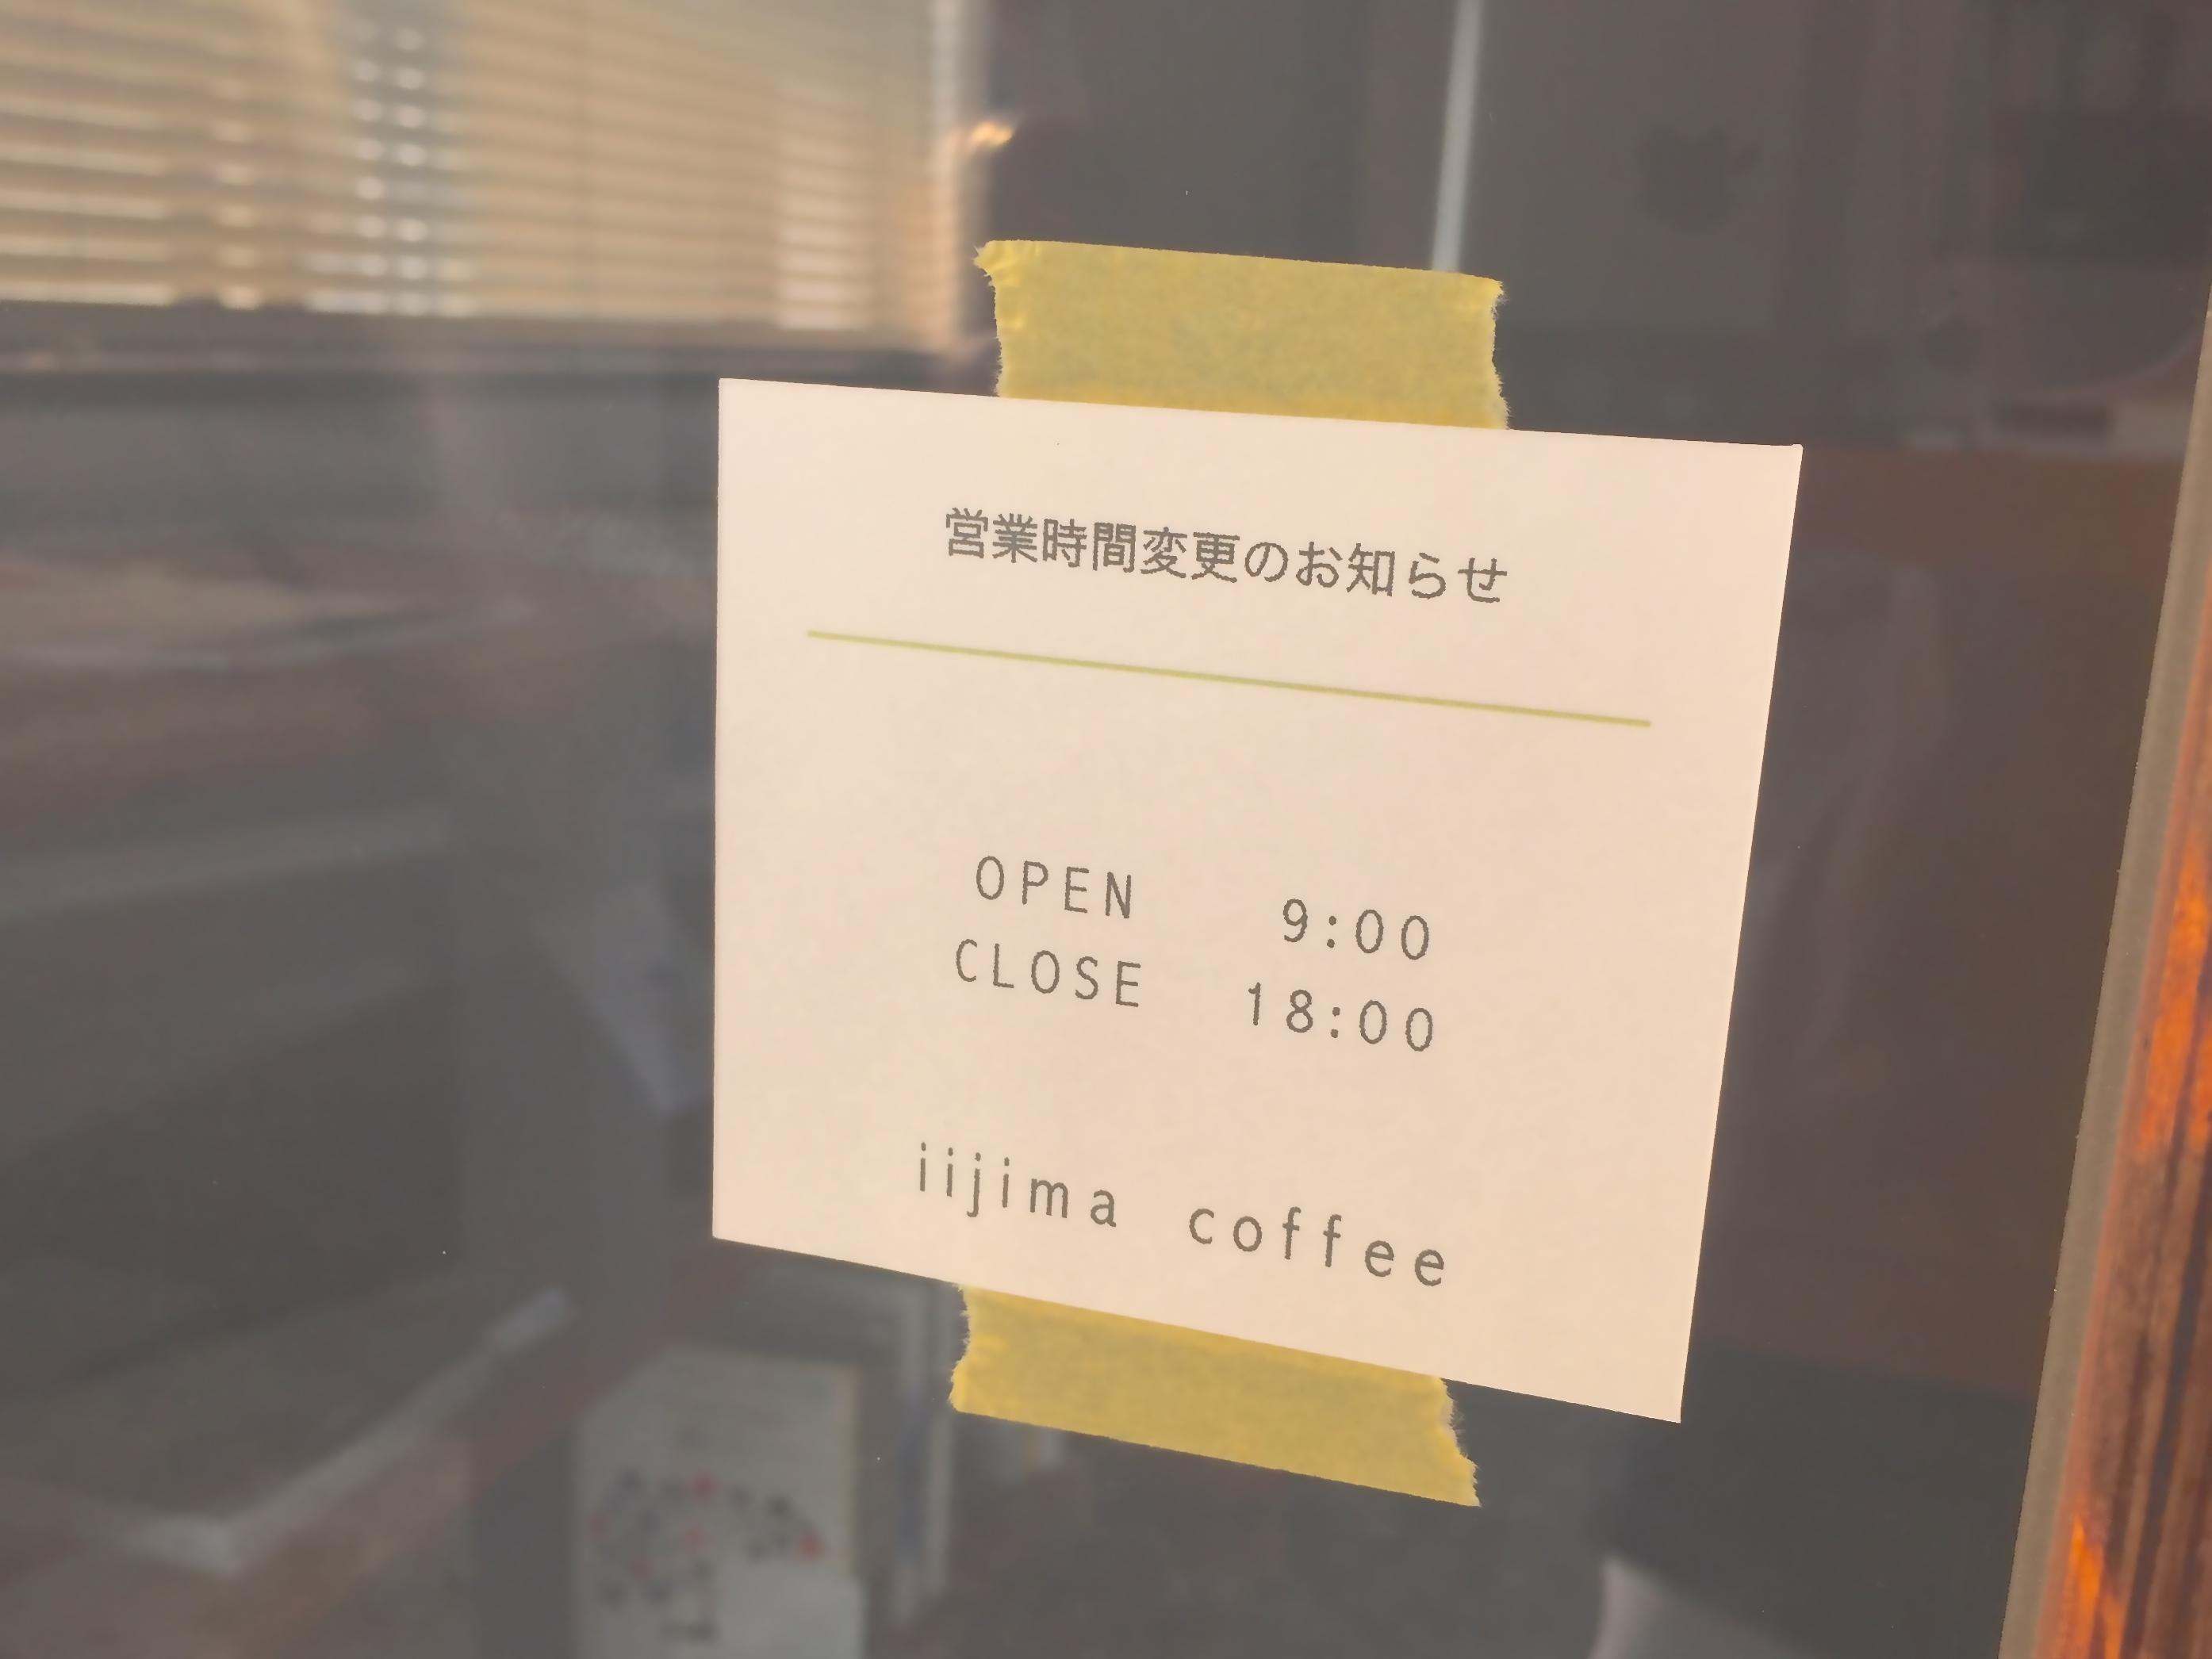 2015.7.31 営業時間